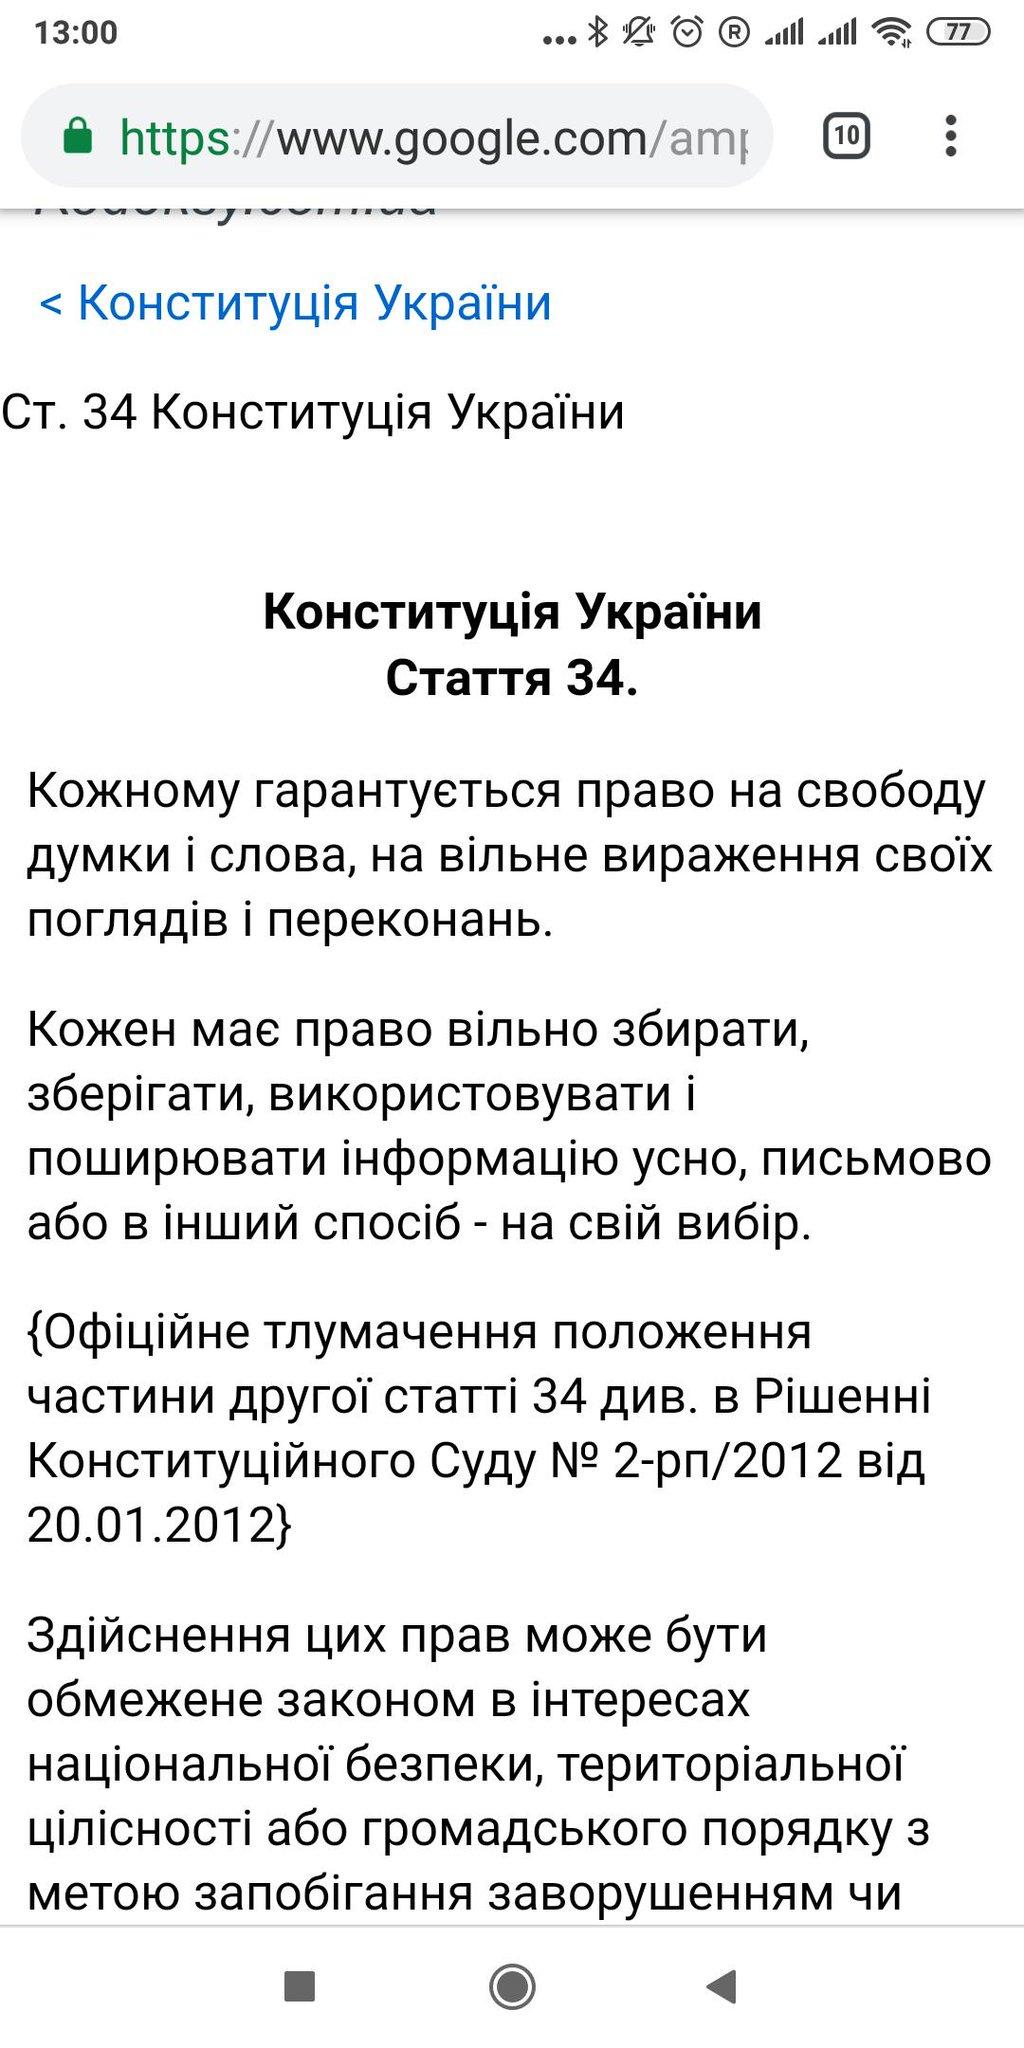 """Поліція затримала активіста """"Відсічі"""" за агітацію на Майдані - Цензор.НЕТ 2201"""